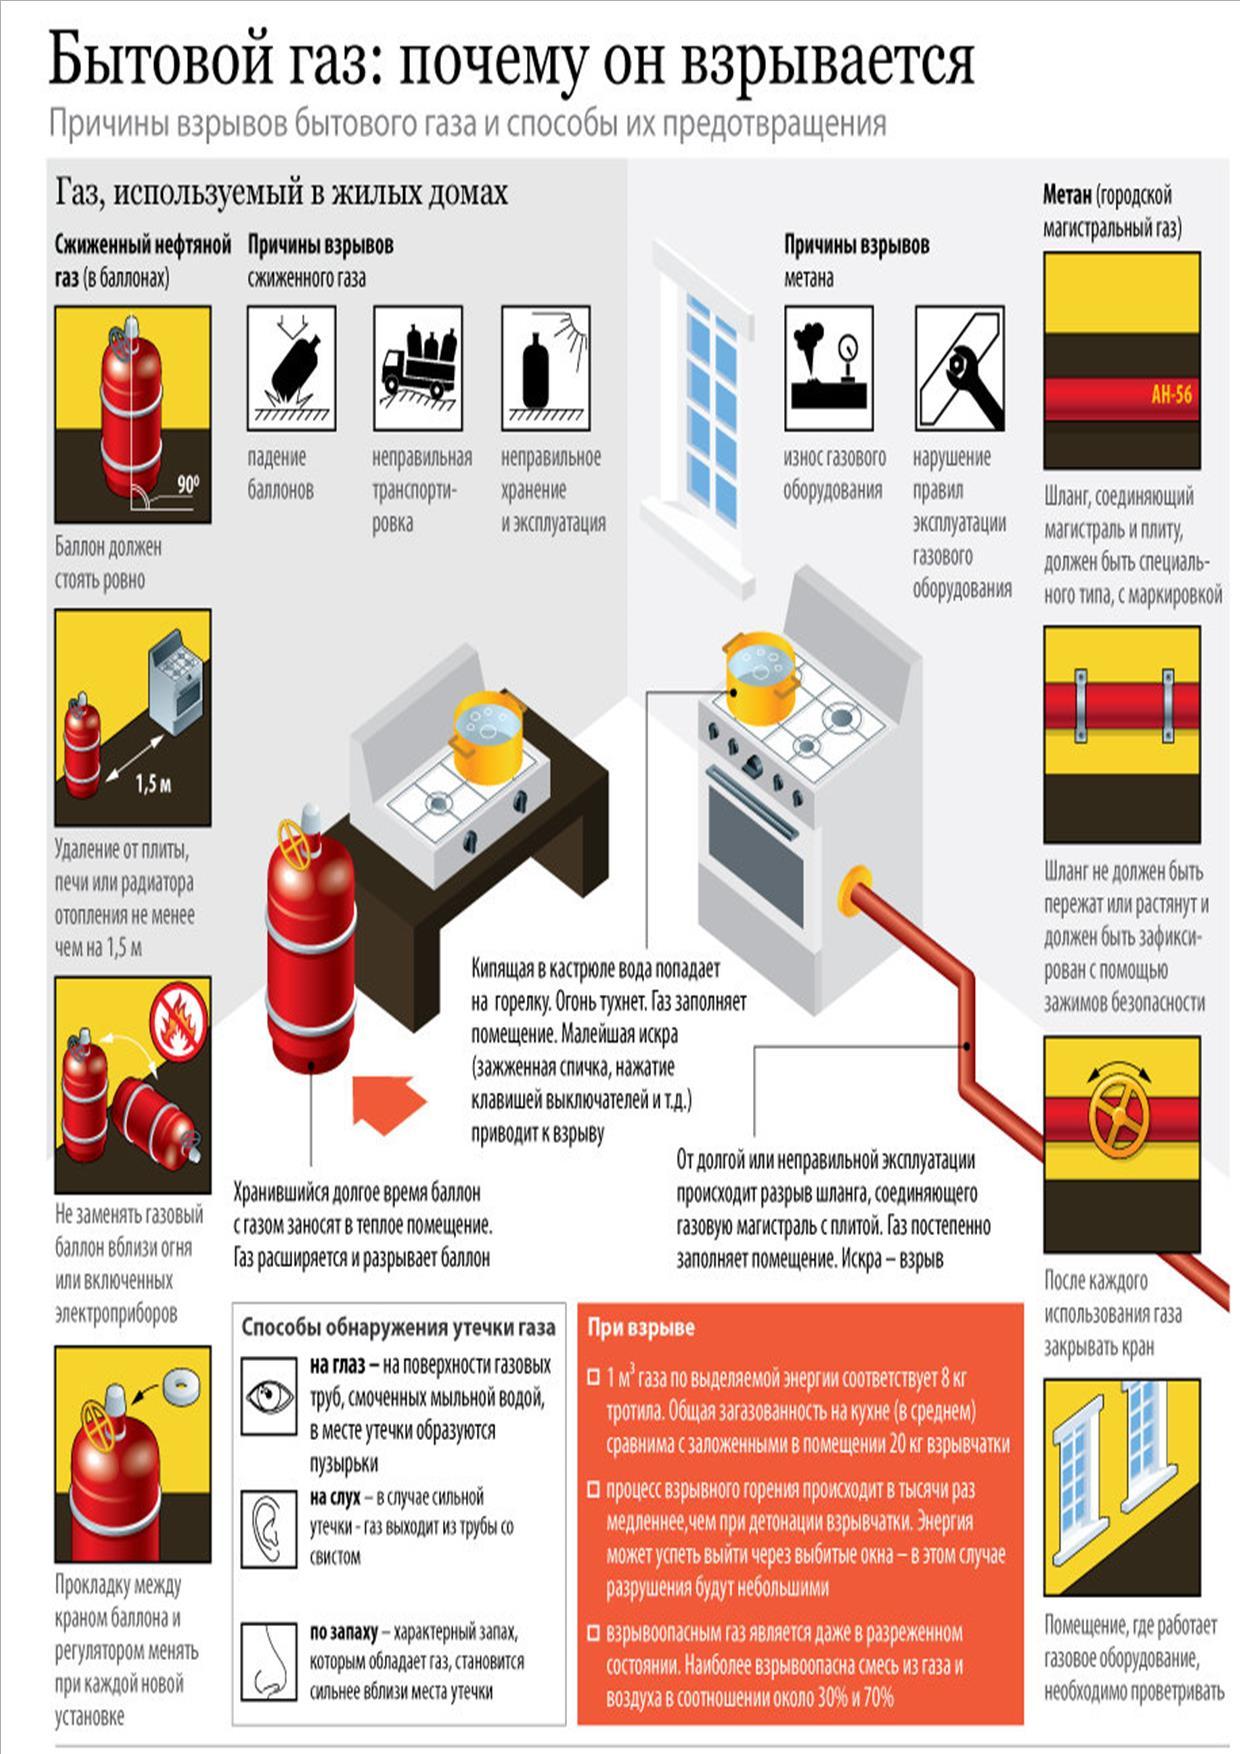 Утечка газа на авто с гбо: вероятные причины и способы обнаружения утечки газа   гбошник